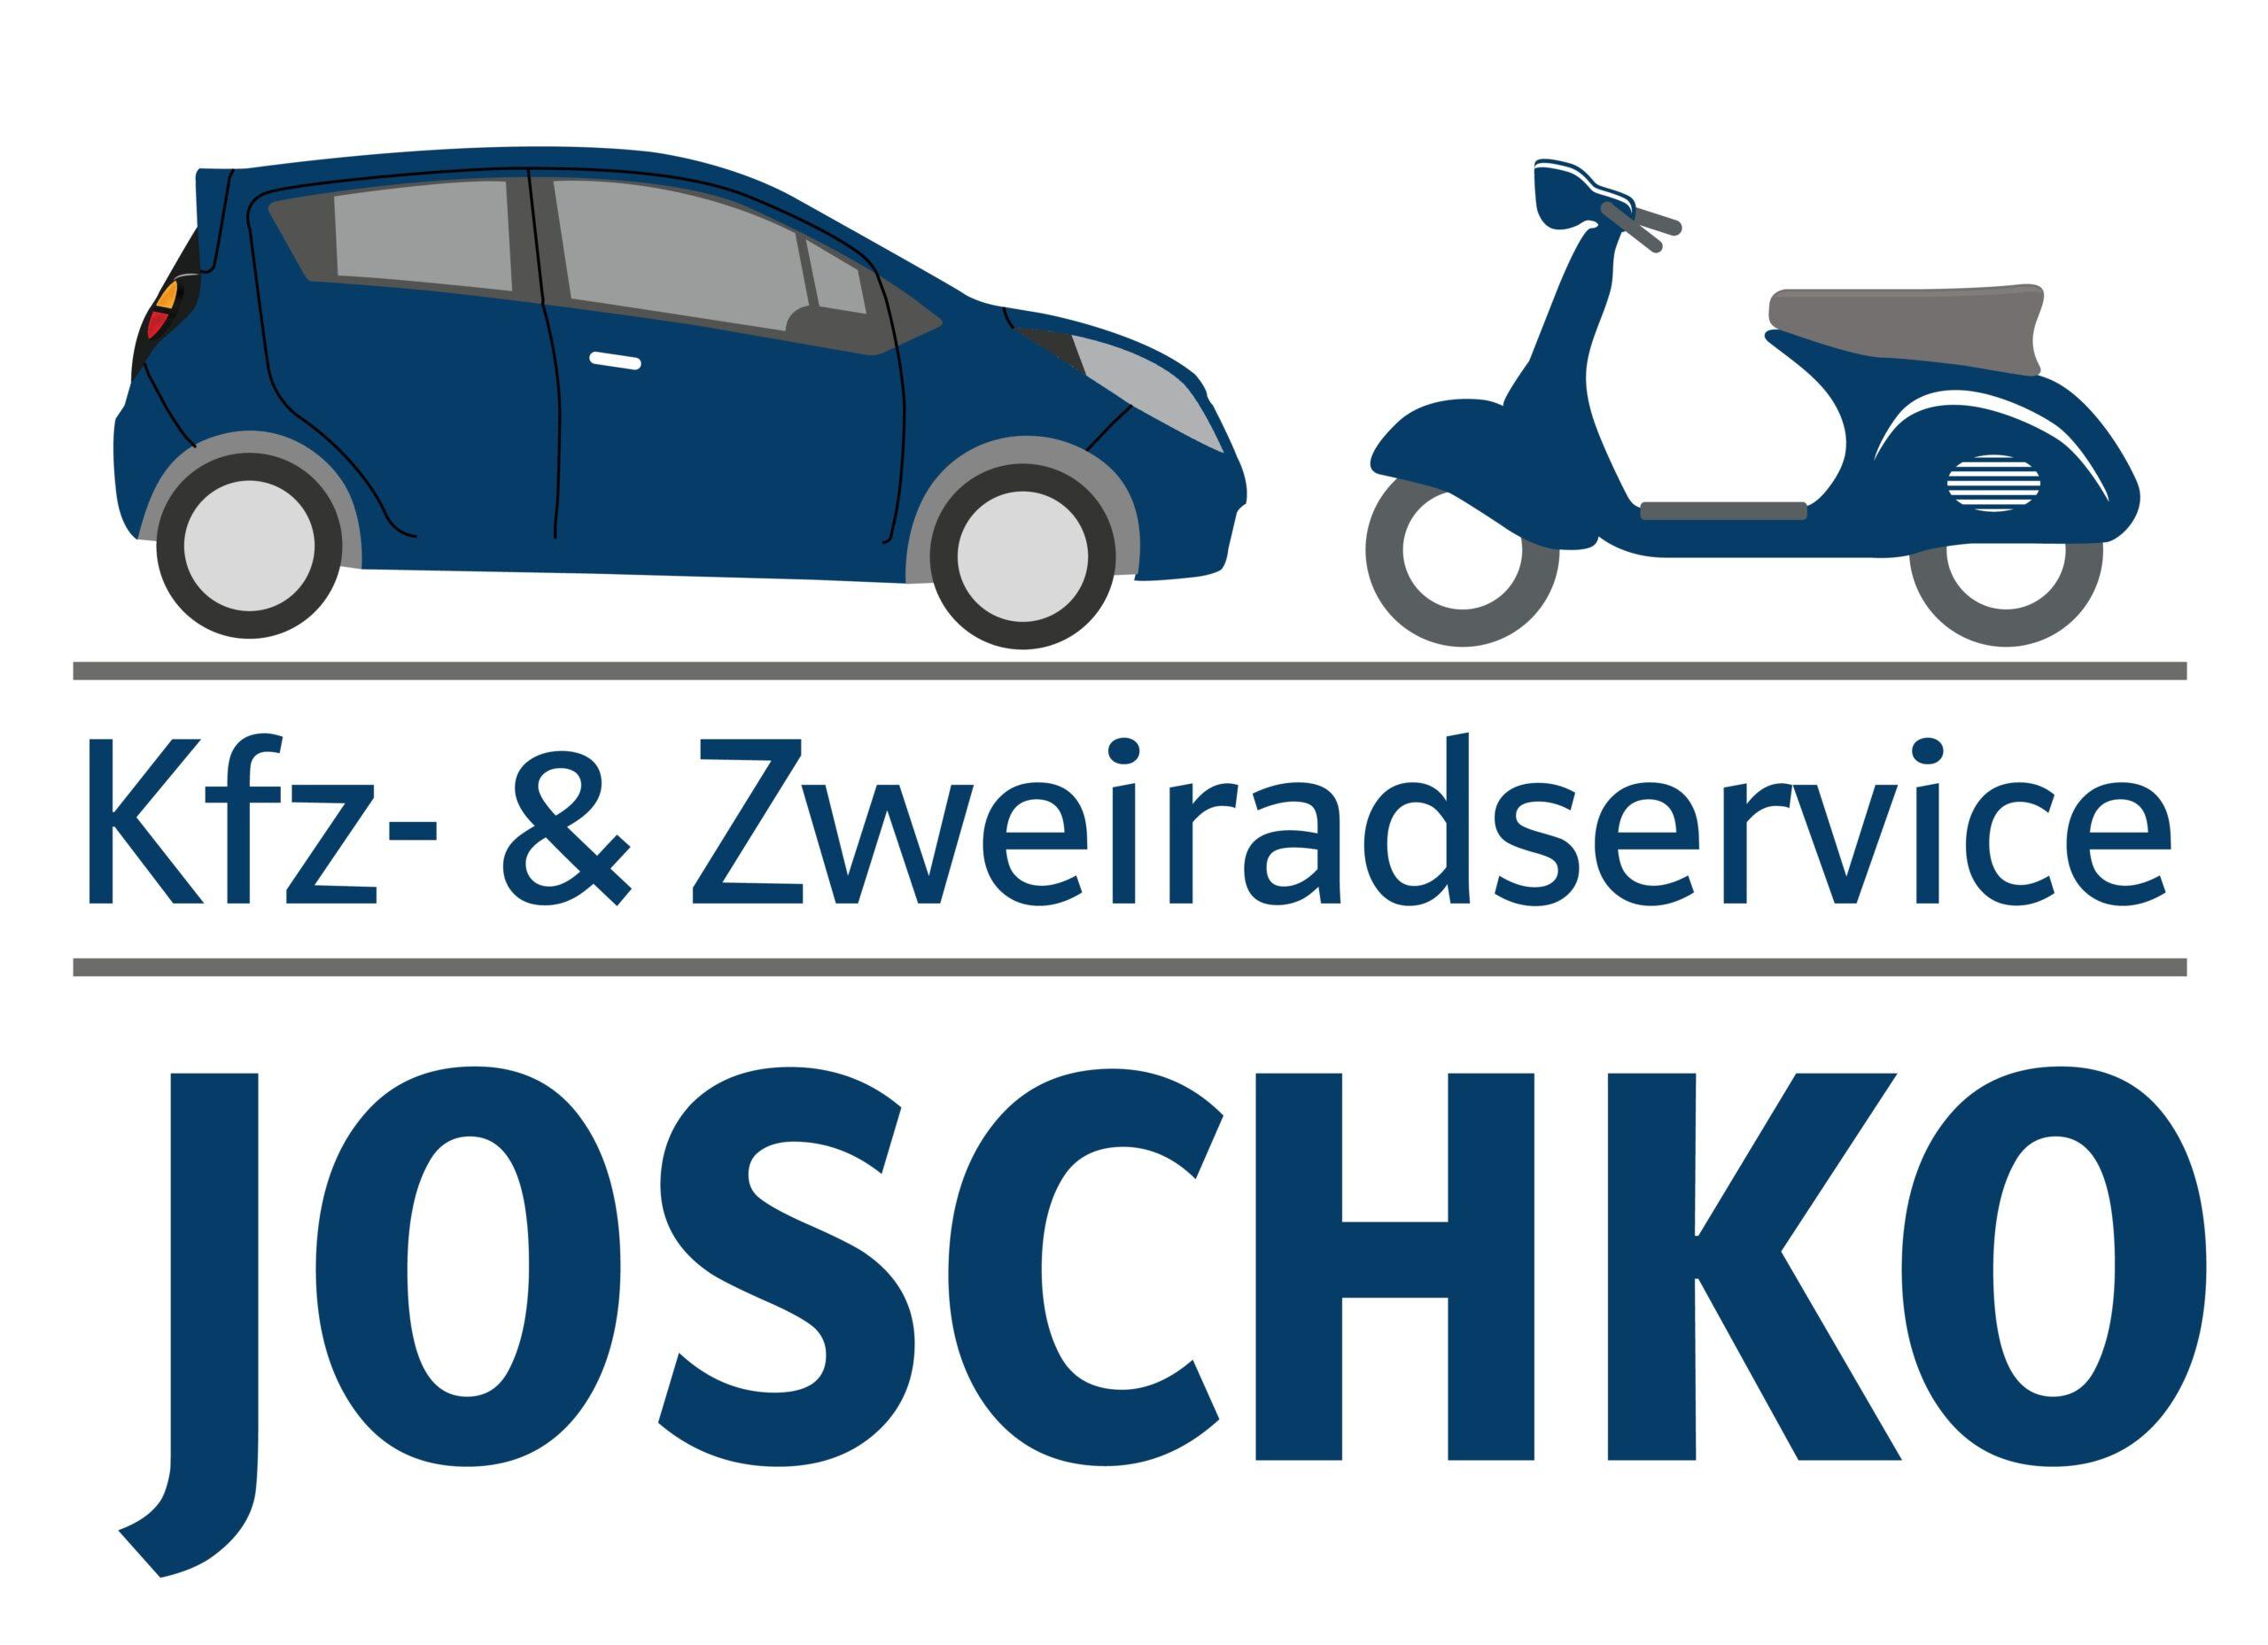 2020-07-26_5f1d5768bed5c_Logo